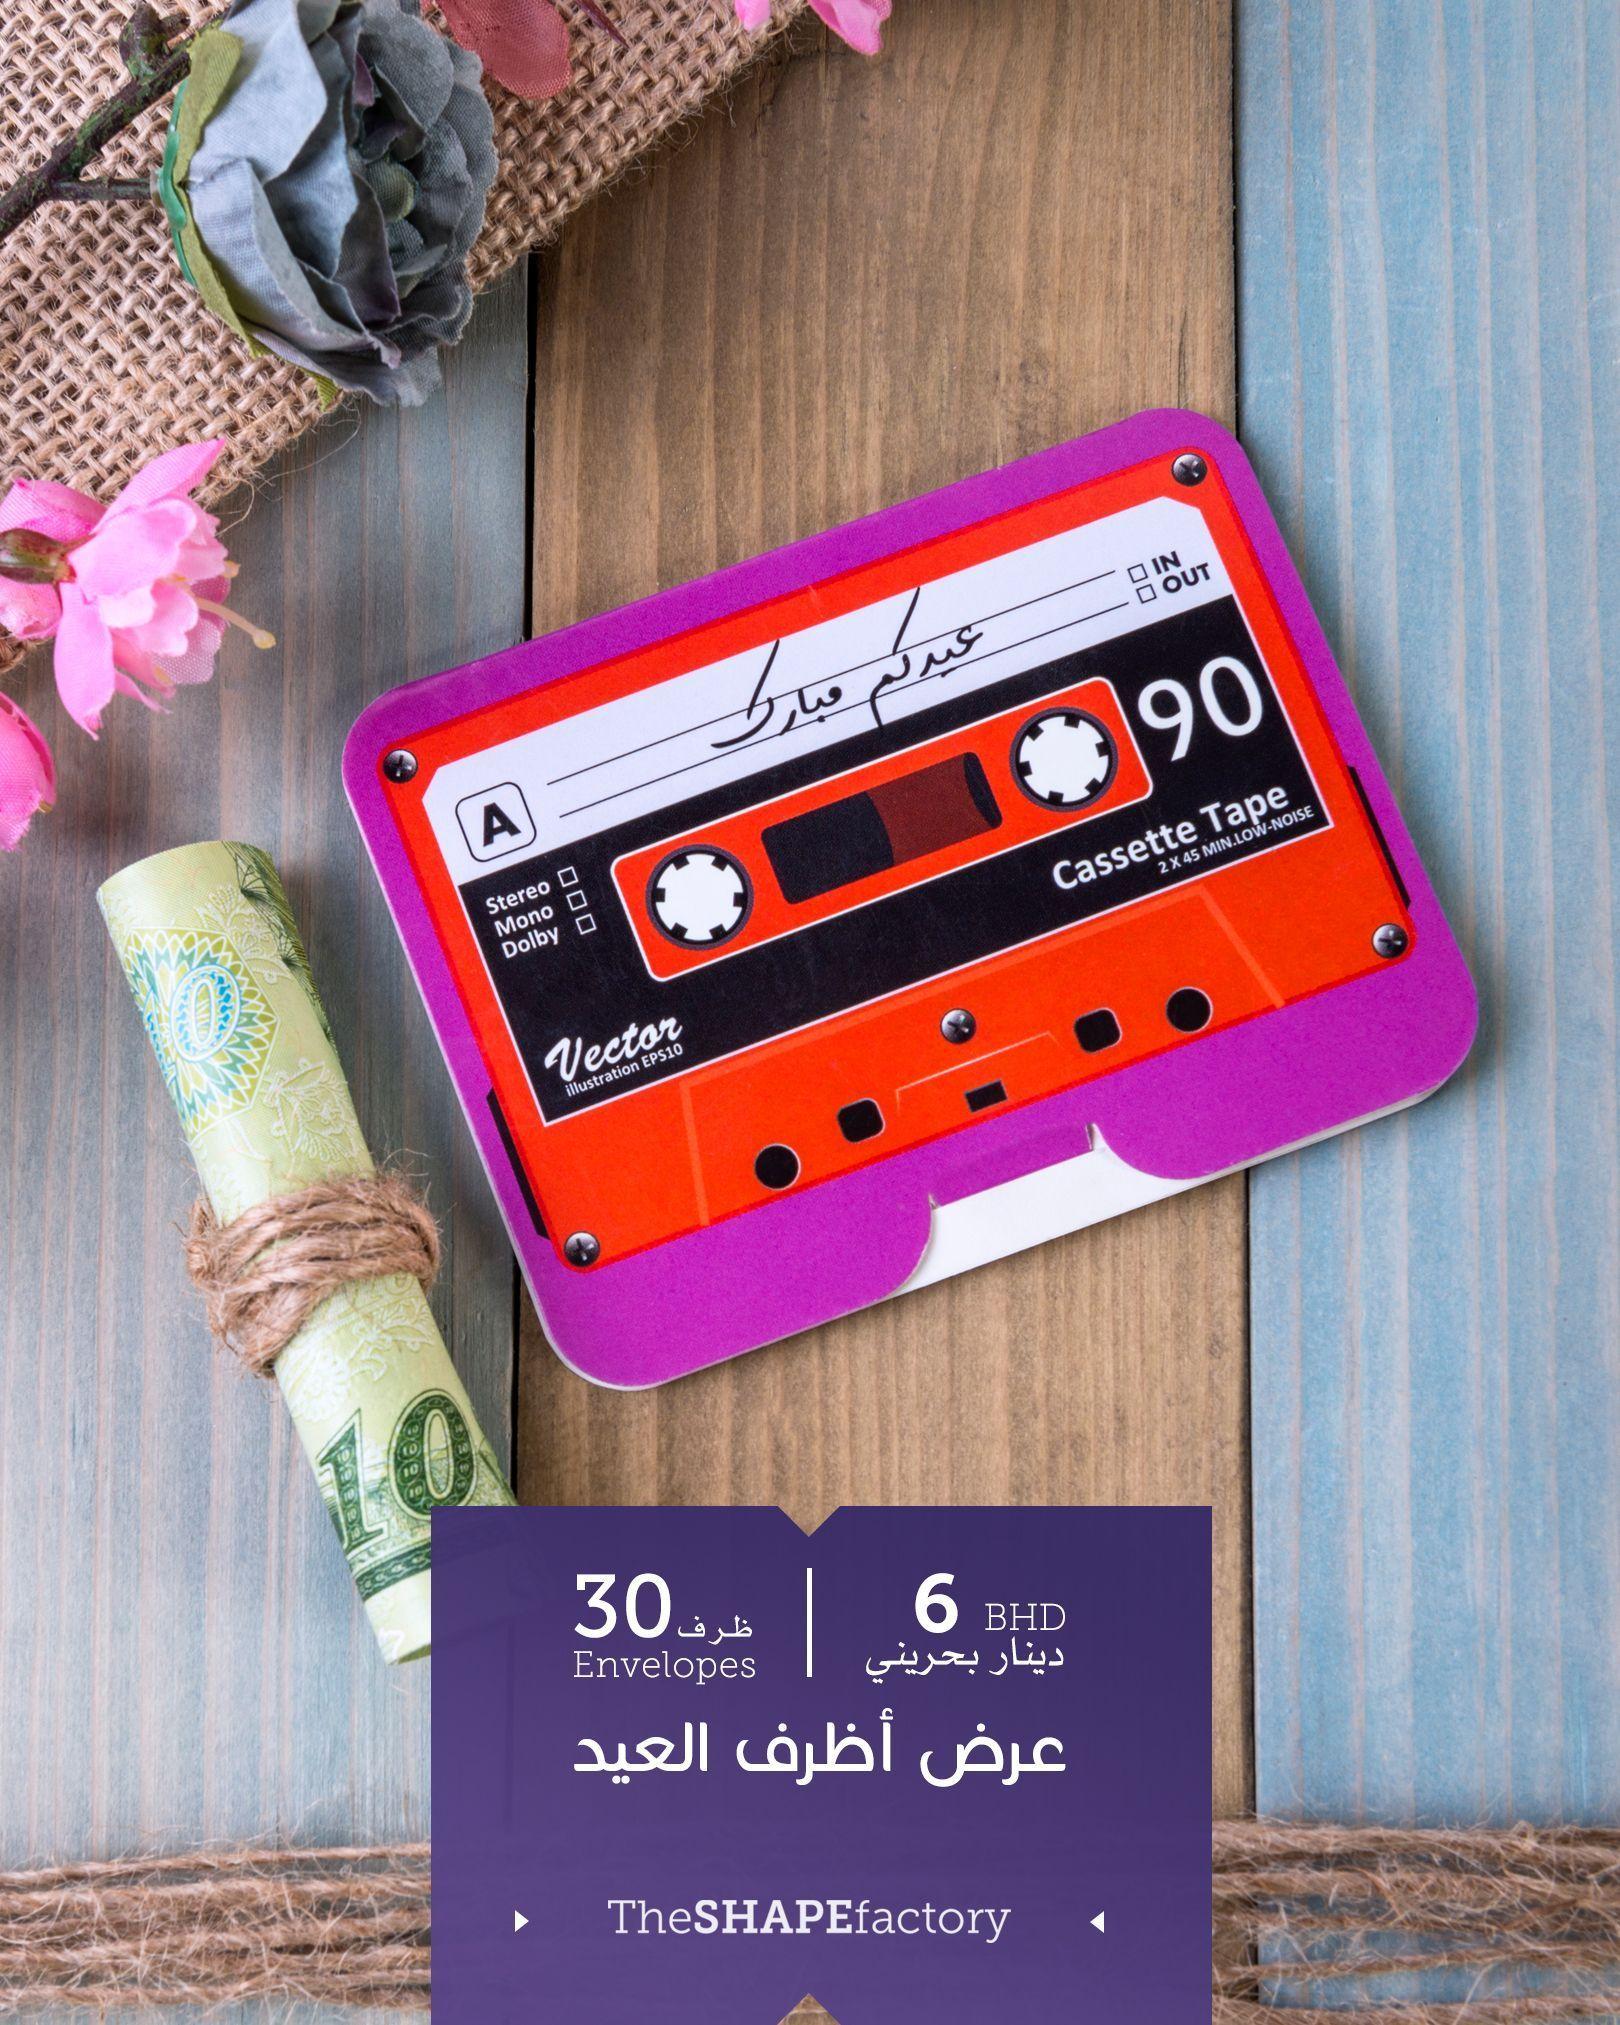 لحين محتفظين بالكاسيتات الي تحبونها Shape Code Nv0010 القياسات Cassette Tapes Cassette Electronic Products